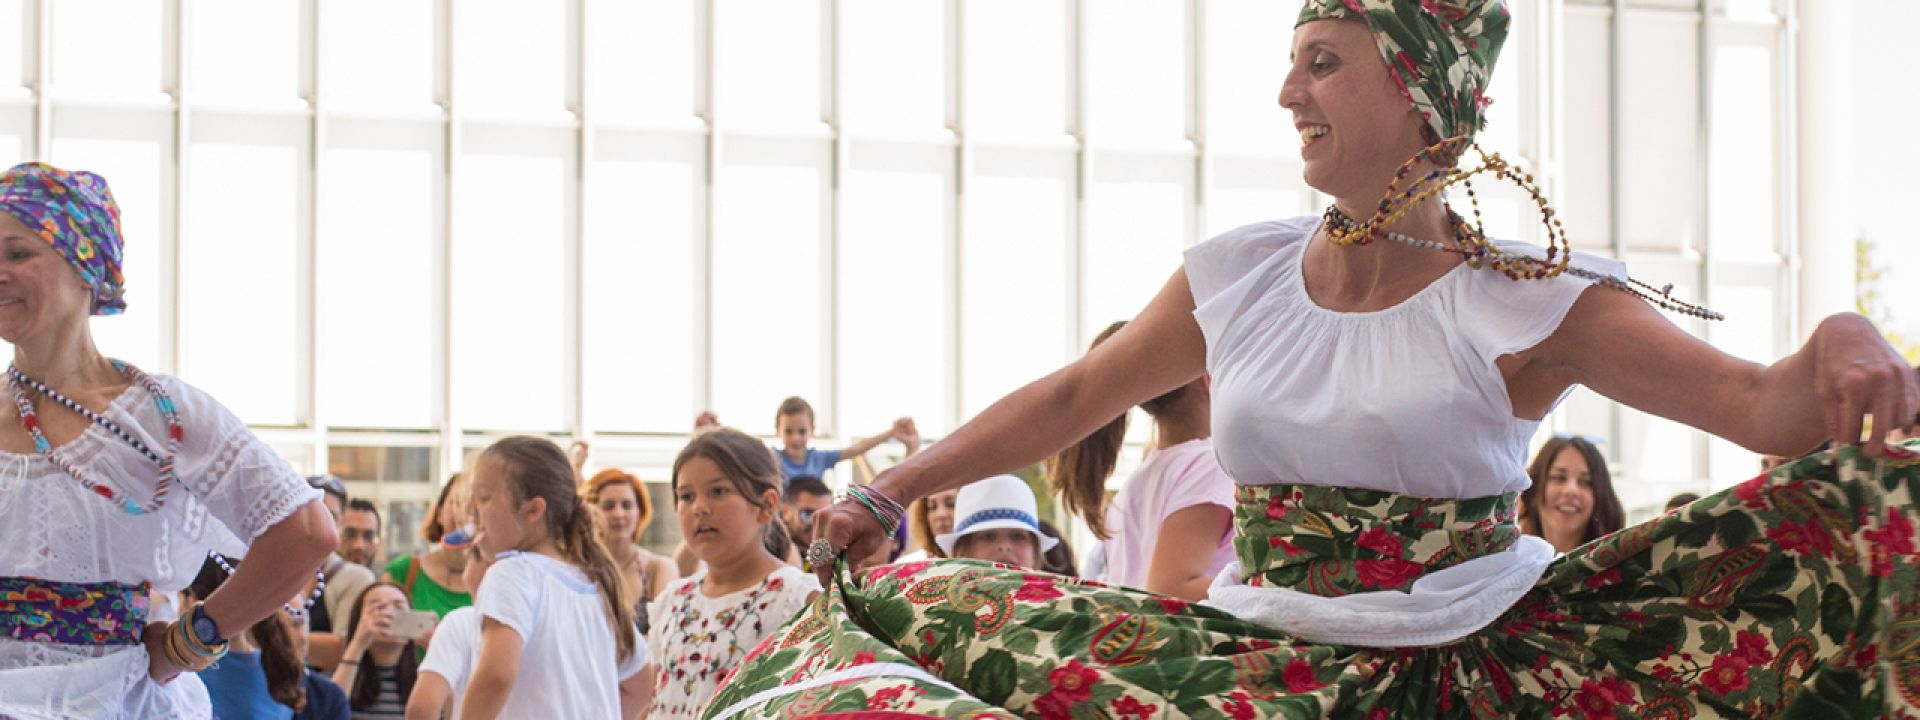 Φωτογραφία από την εκδήλωση Samba στο ΚΠΙΣΝ